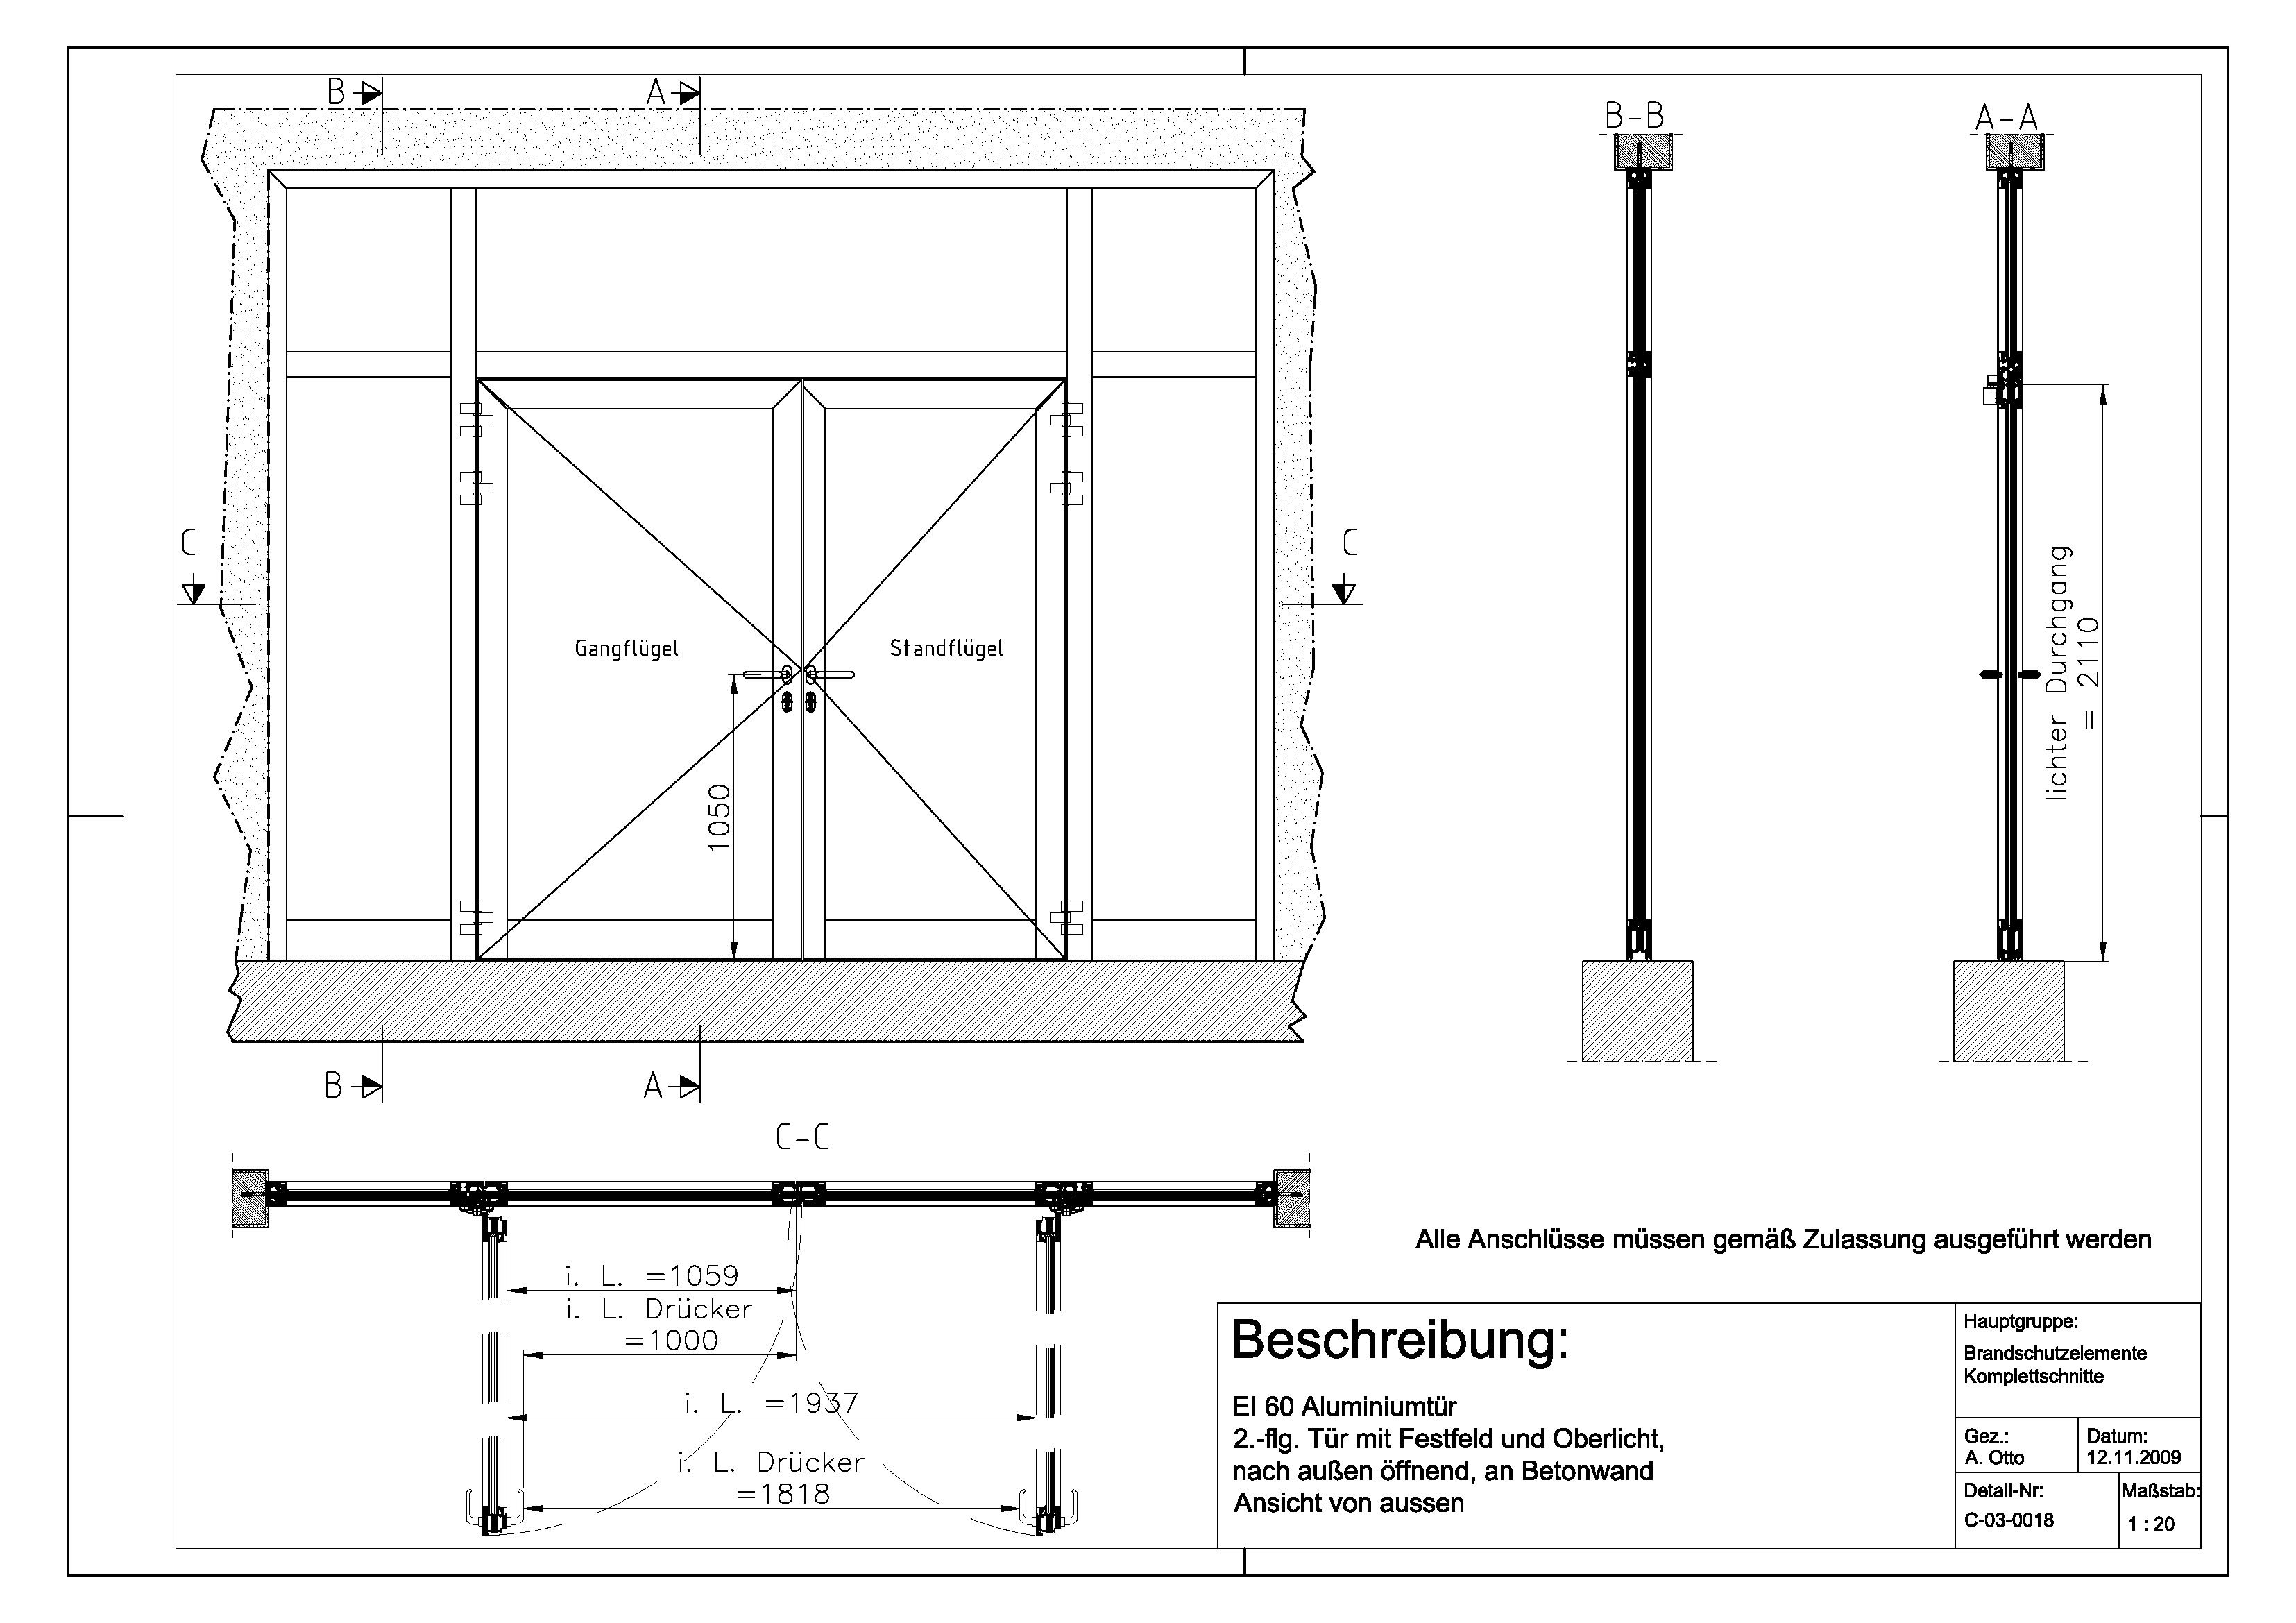 Tür detail anschluss  C-03-0018 EI 60-Aluminiumtür, 2.-flg. Tür mit Festfeld und ...